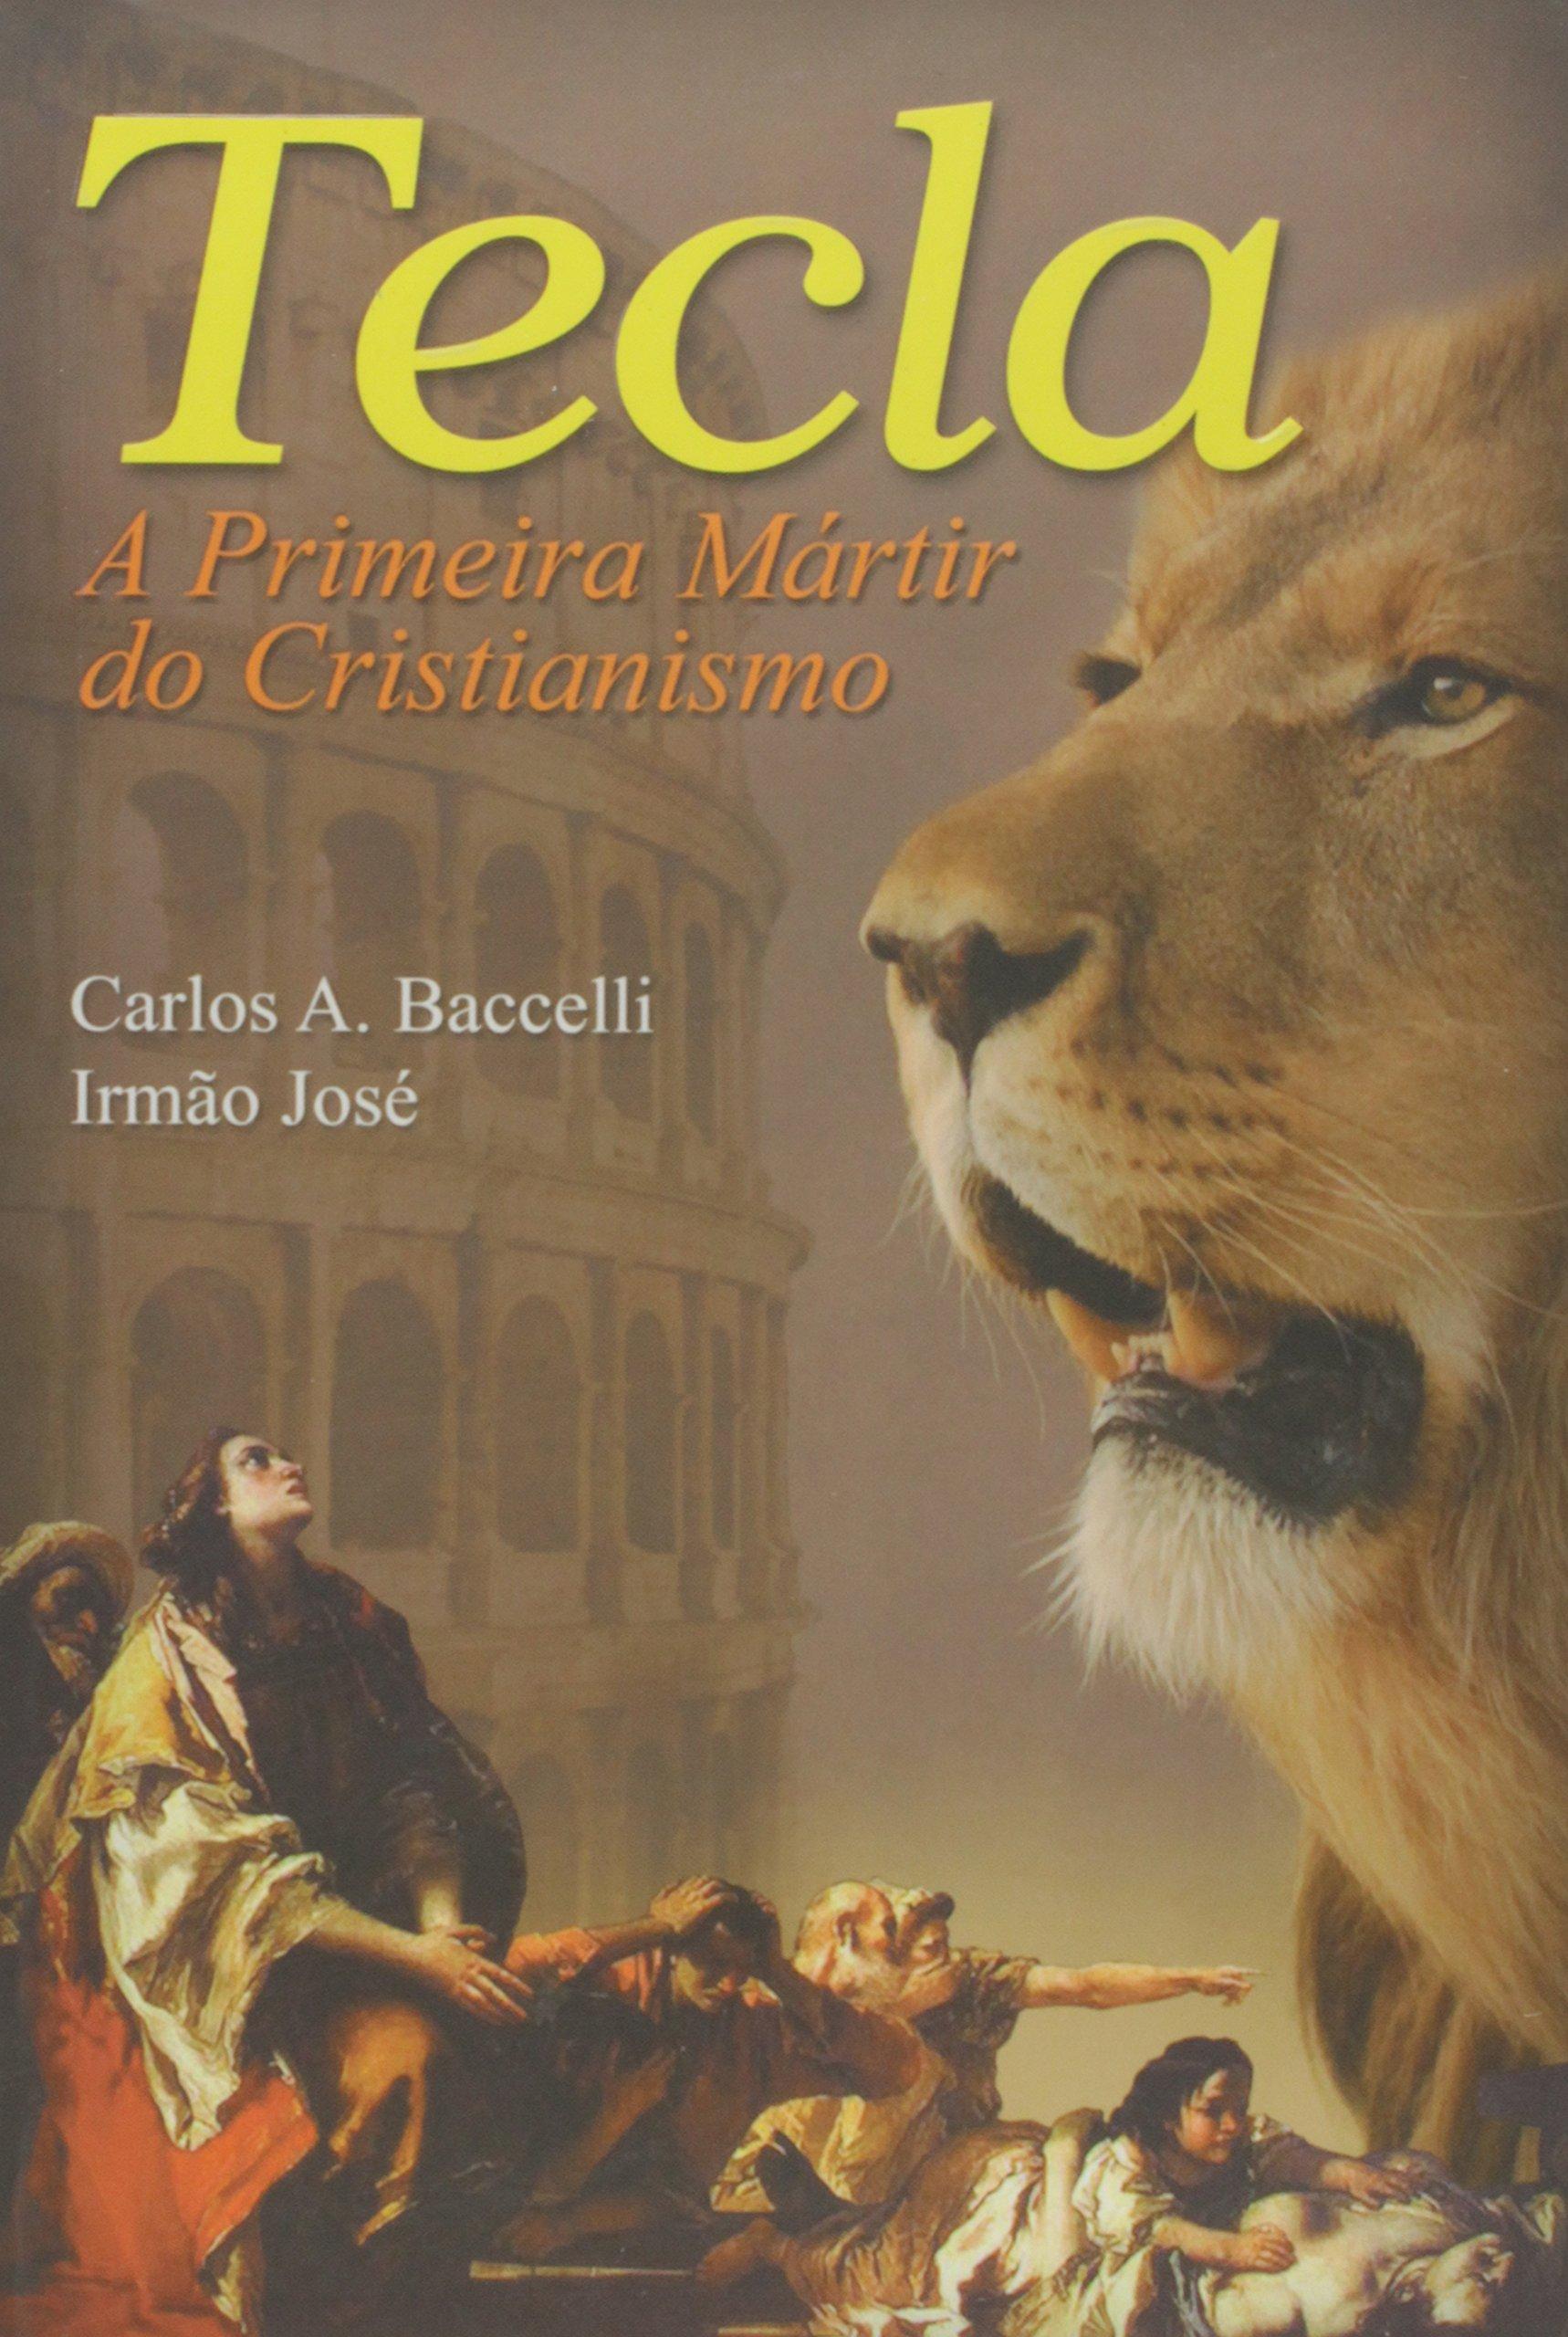 tecla a primeira martir do cristianismo